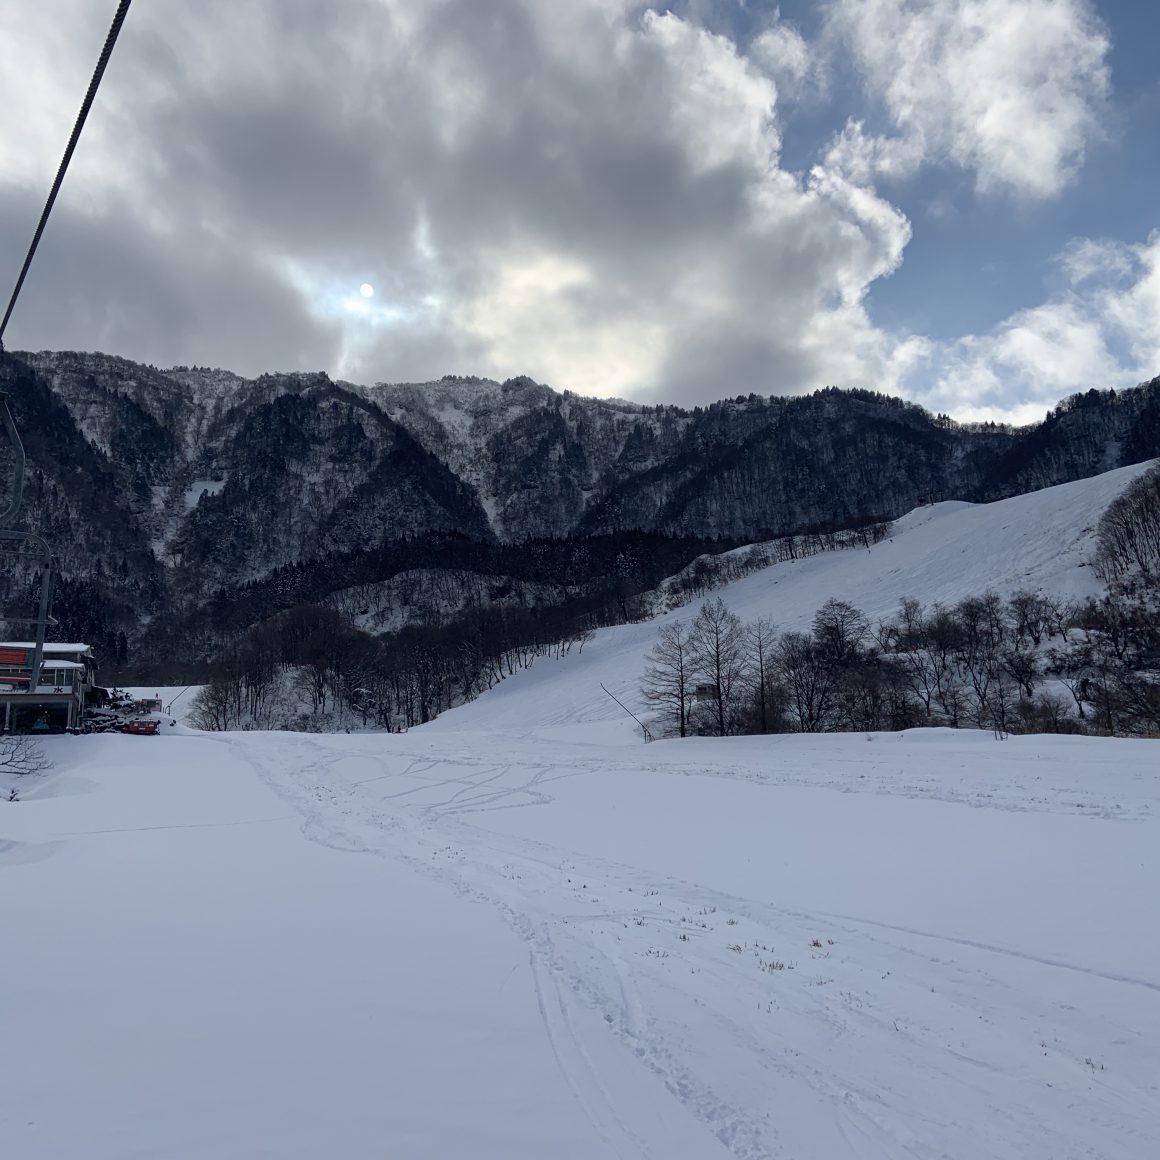 兵庫県養父市スキー場は氷ノ山国際スキー場かハチ高原スキー場へ